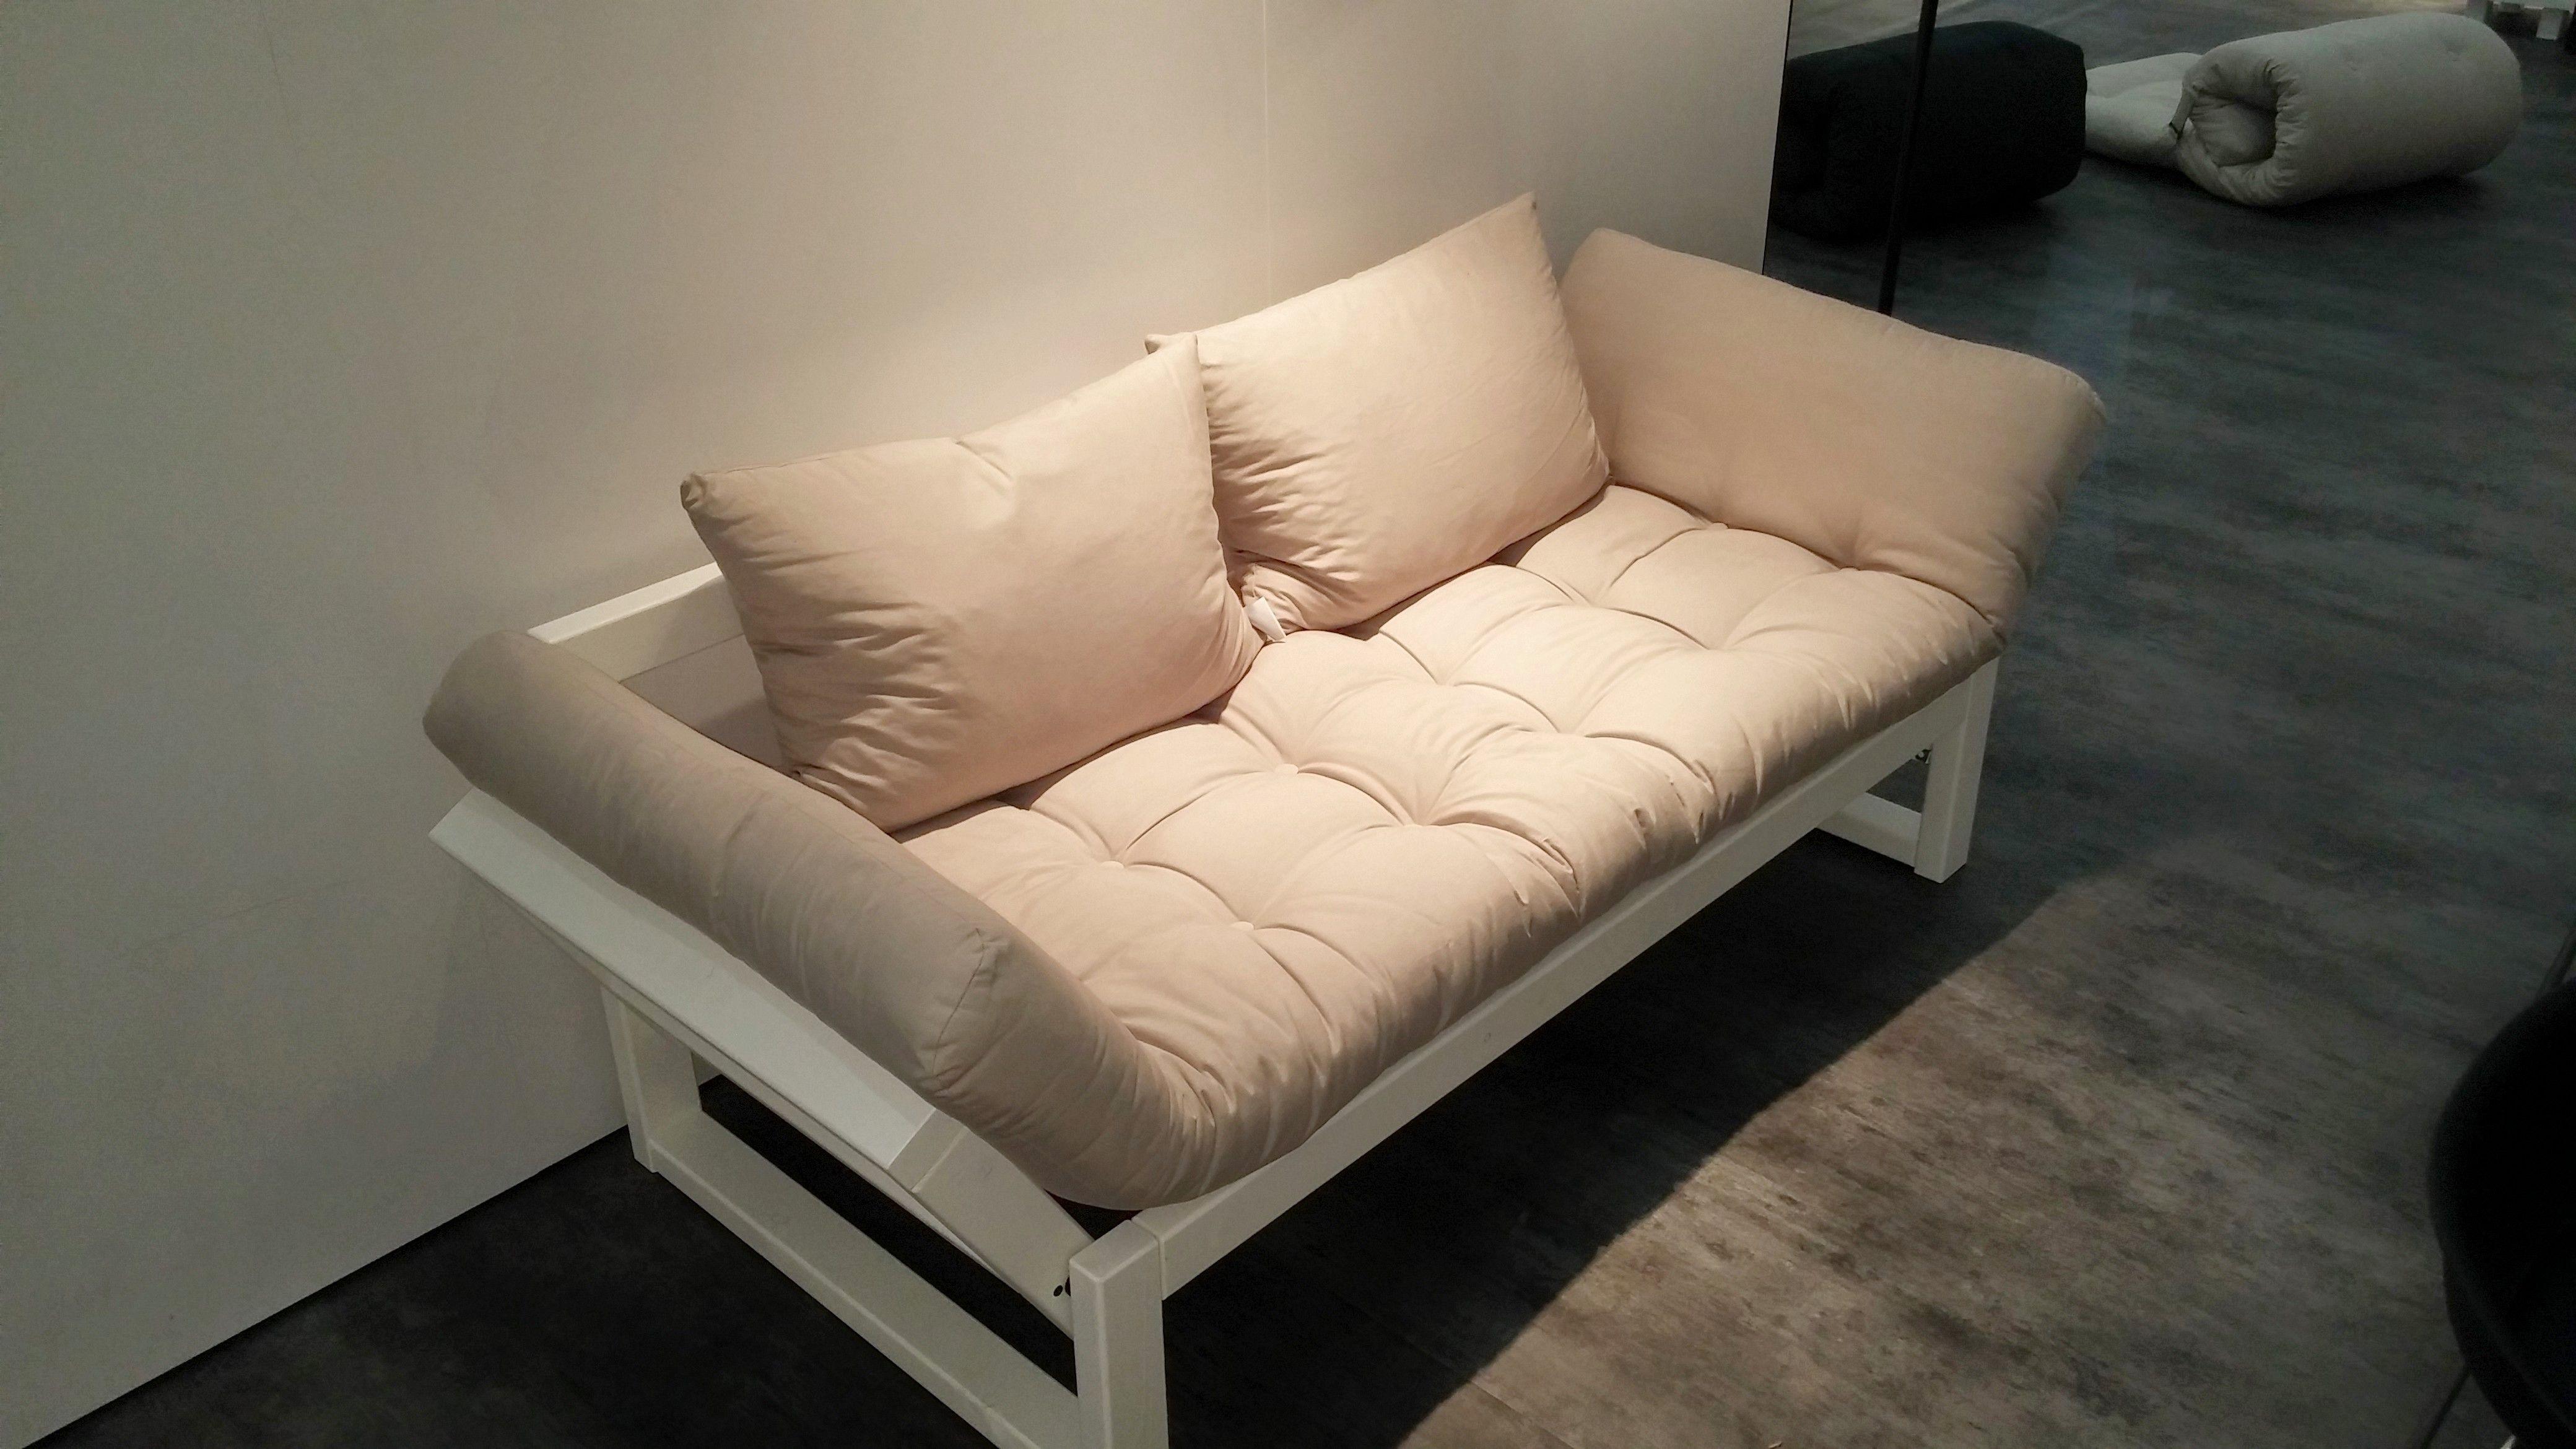 Foderare divano ~ Divano letto futon edge karup in legno bianco letto futon futon